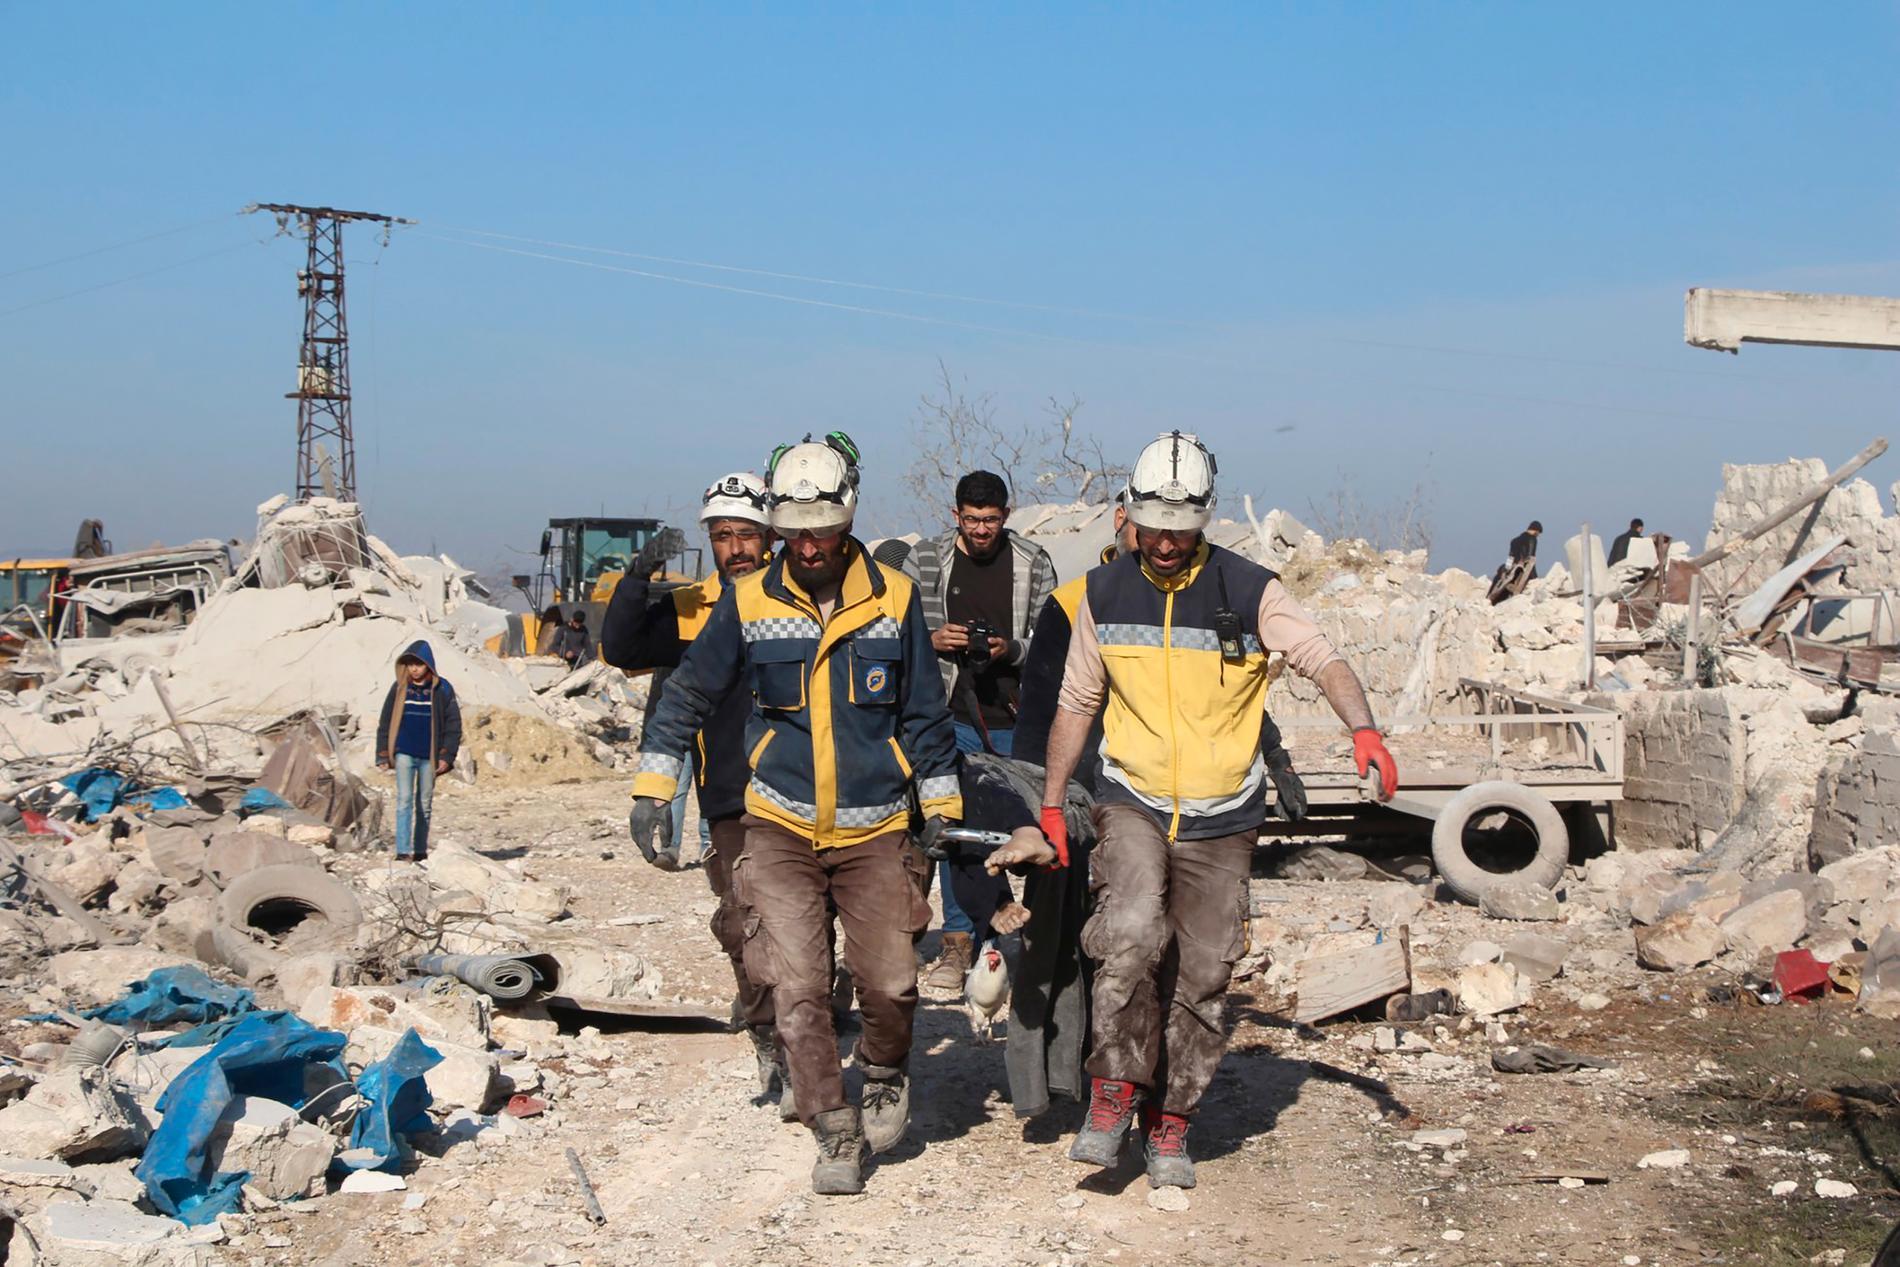 Räddningsarbetare i Idlib på torsdagen. Bilden kommer från den oppositionella civilförsvarsgruppen Vita hjälmarna och dess äkthet har styrkts av AP.